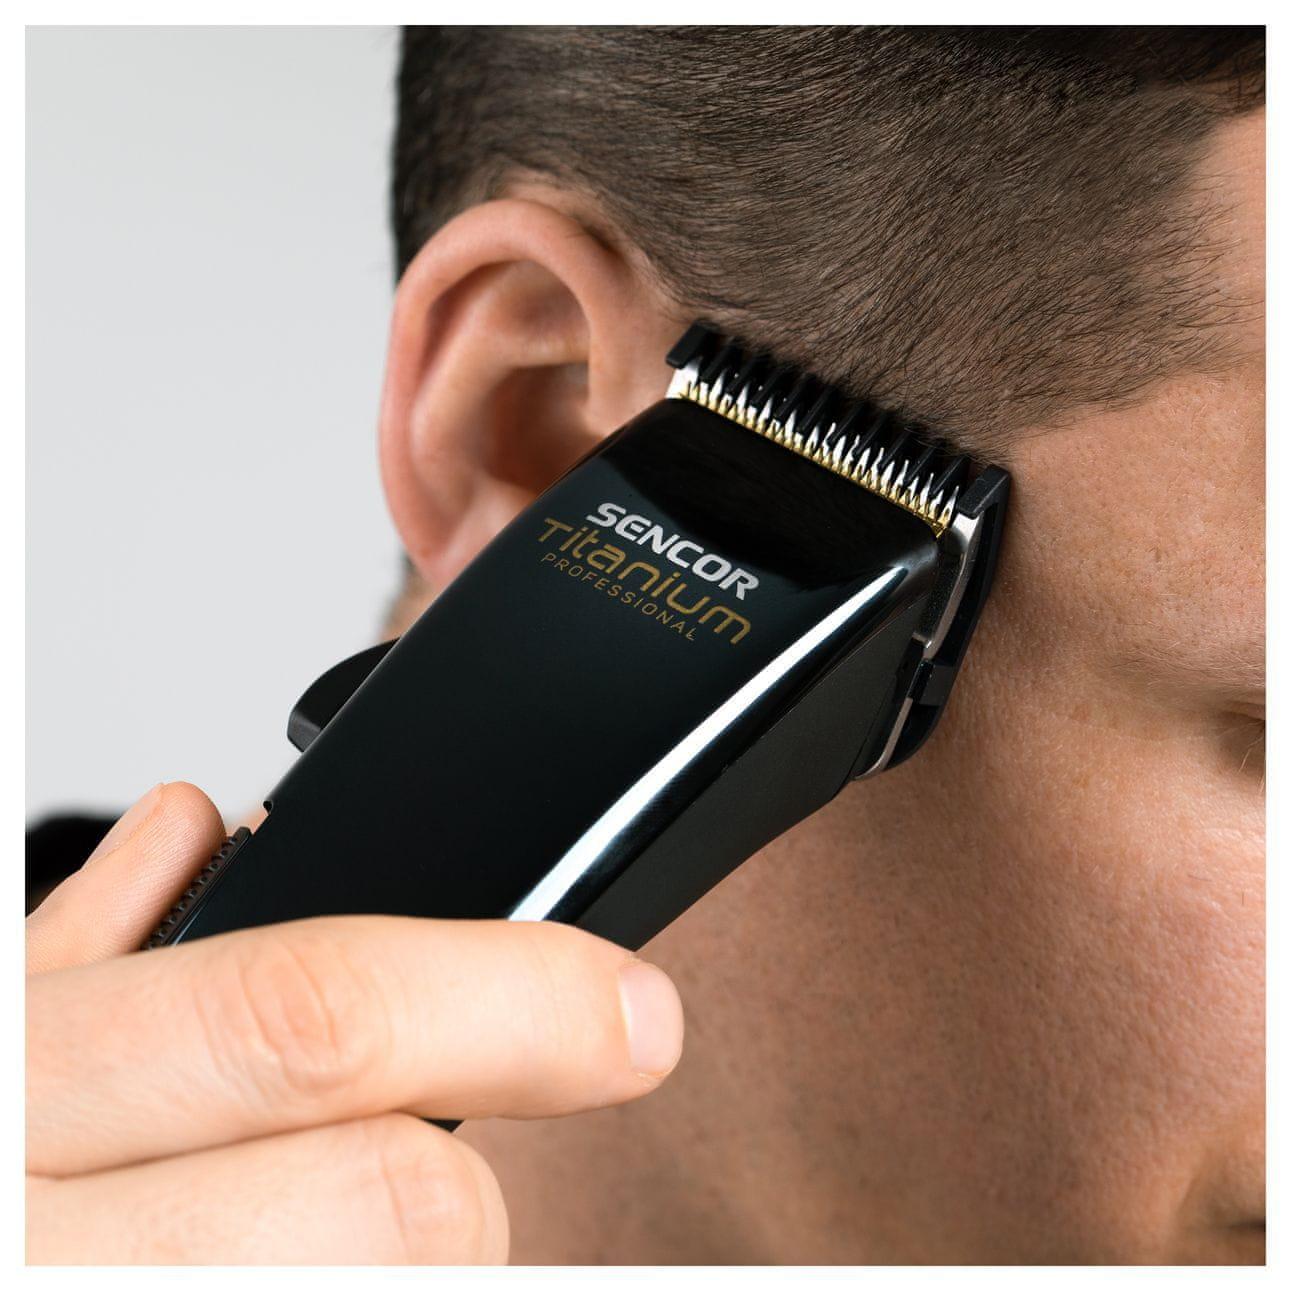 SENCOR SHP 8400BK teljes hajvágó